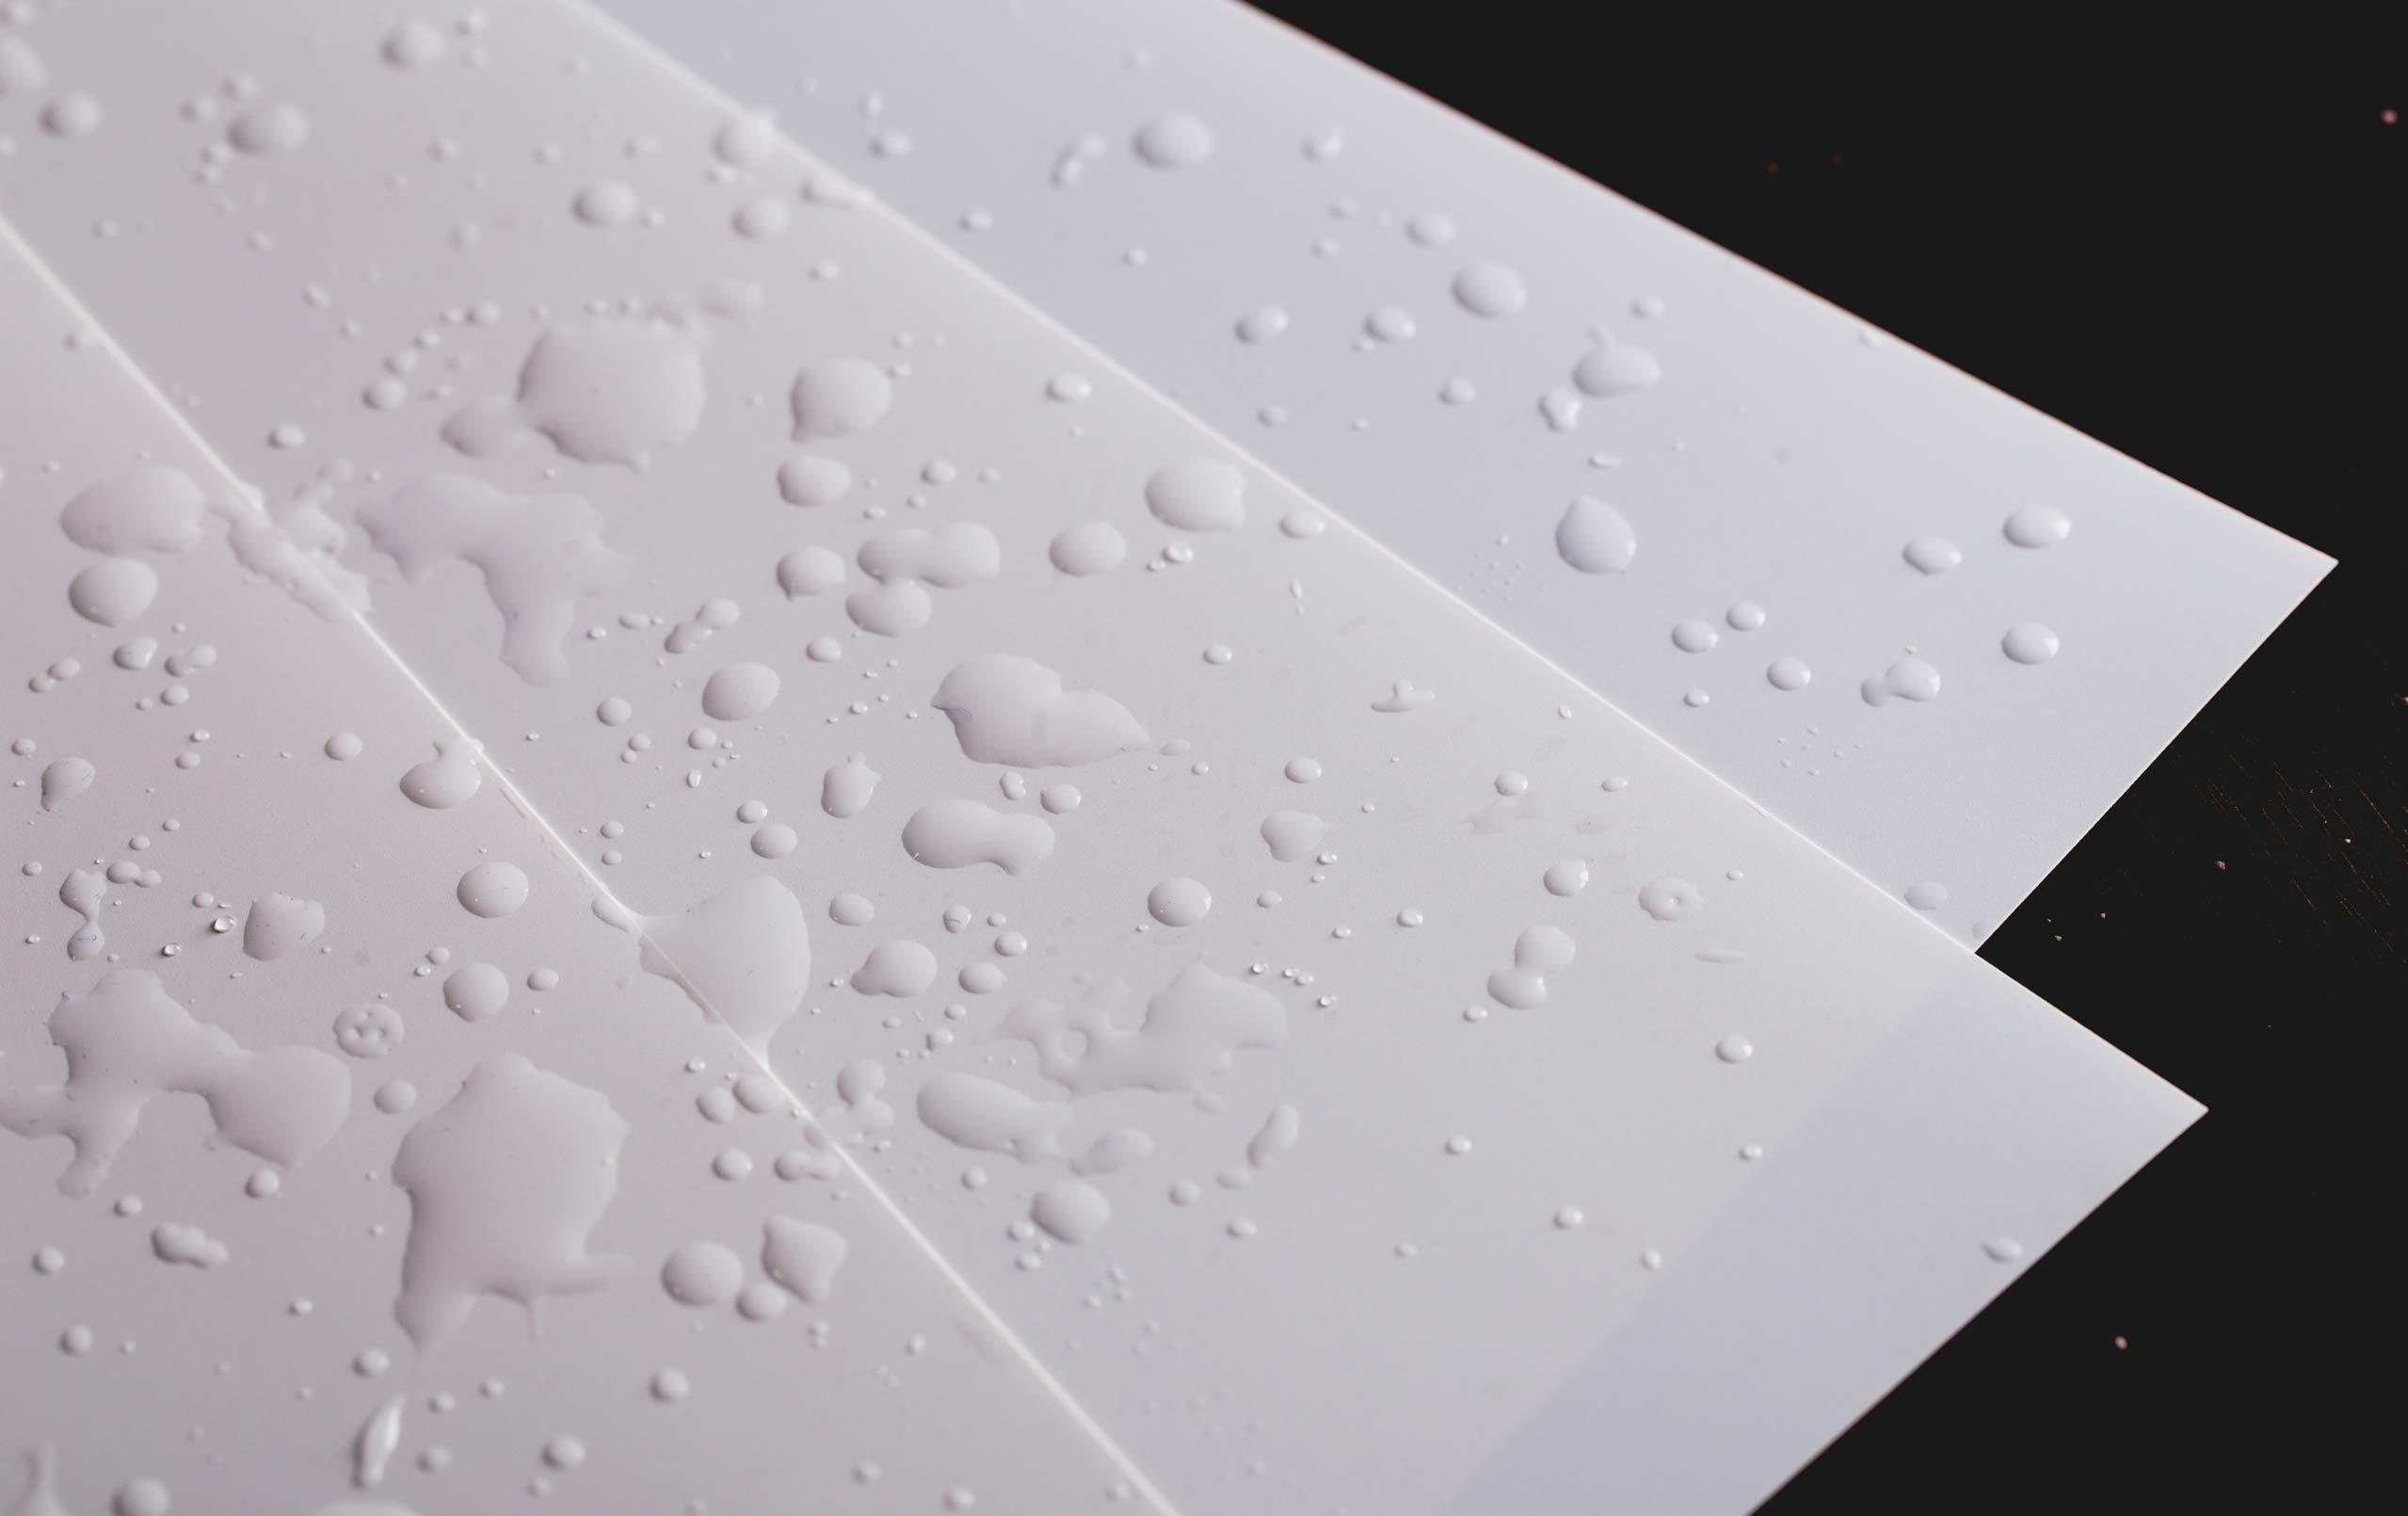 Cung cấp giấy nhựa cho ngành in nhanh